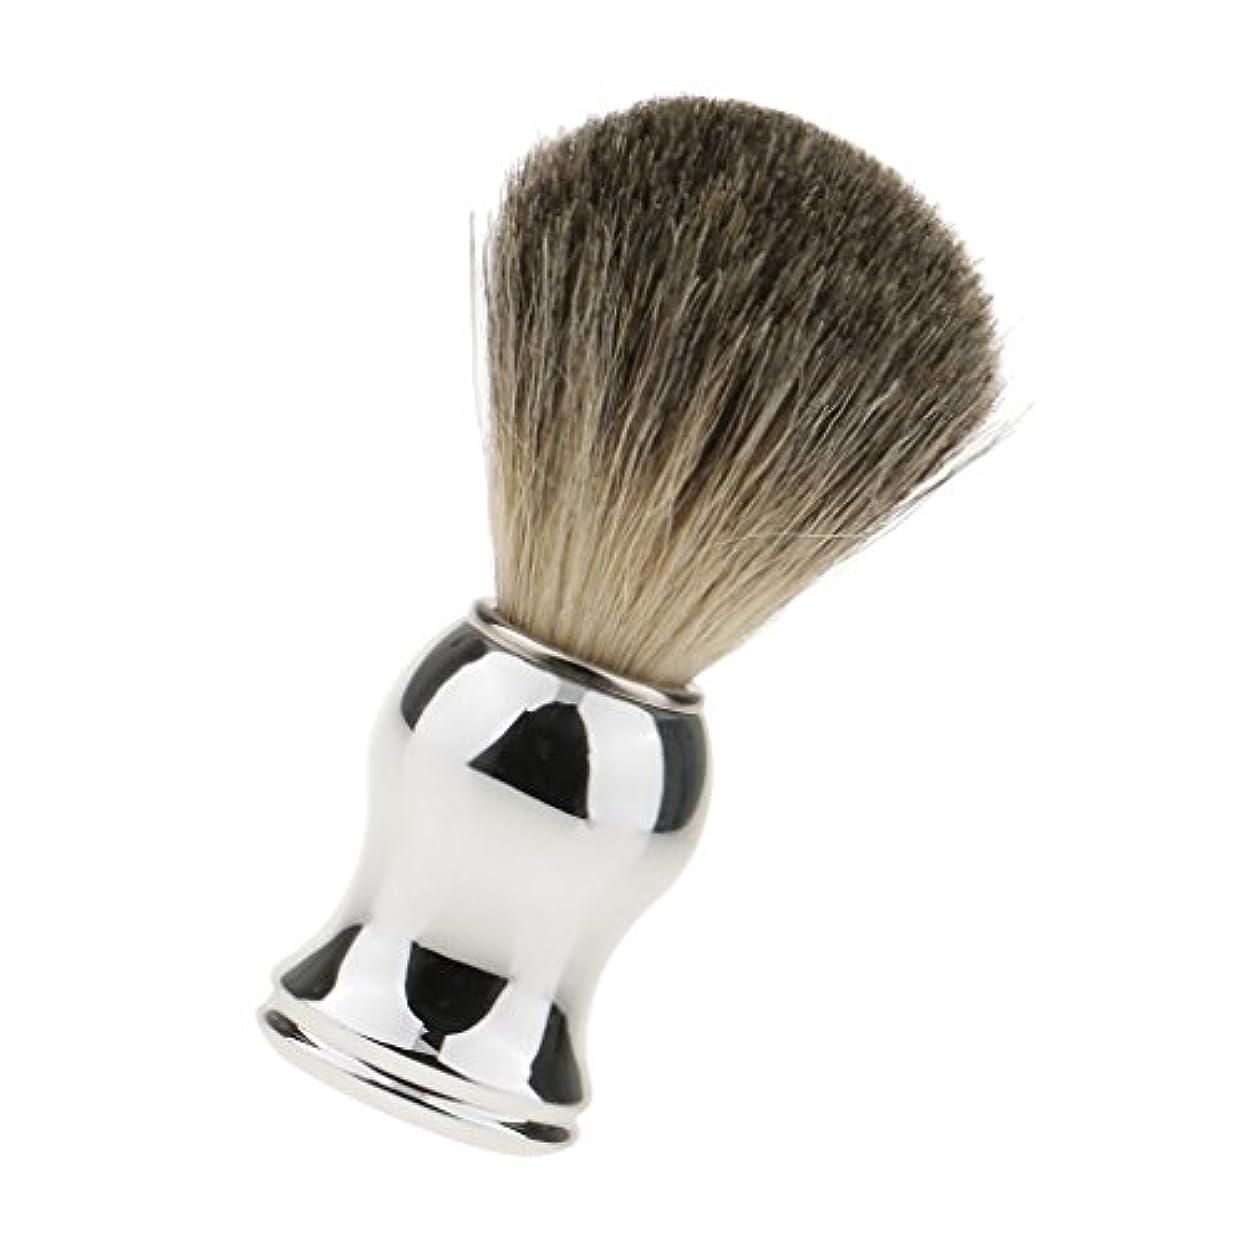 道に迷いましたリスキーなニコチンシェービング用ブラシ 人工毛 メンズ 理容 洗顔 髭剃り 泡立ち 11.2cm 全2色 - シルバーハンドル